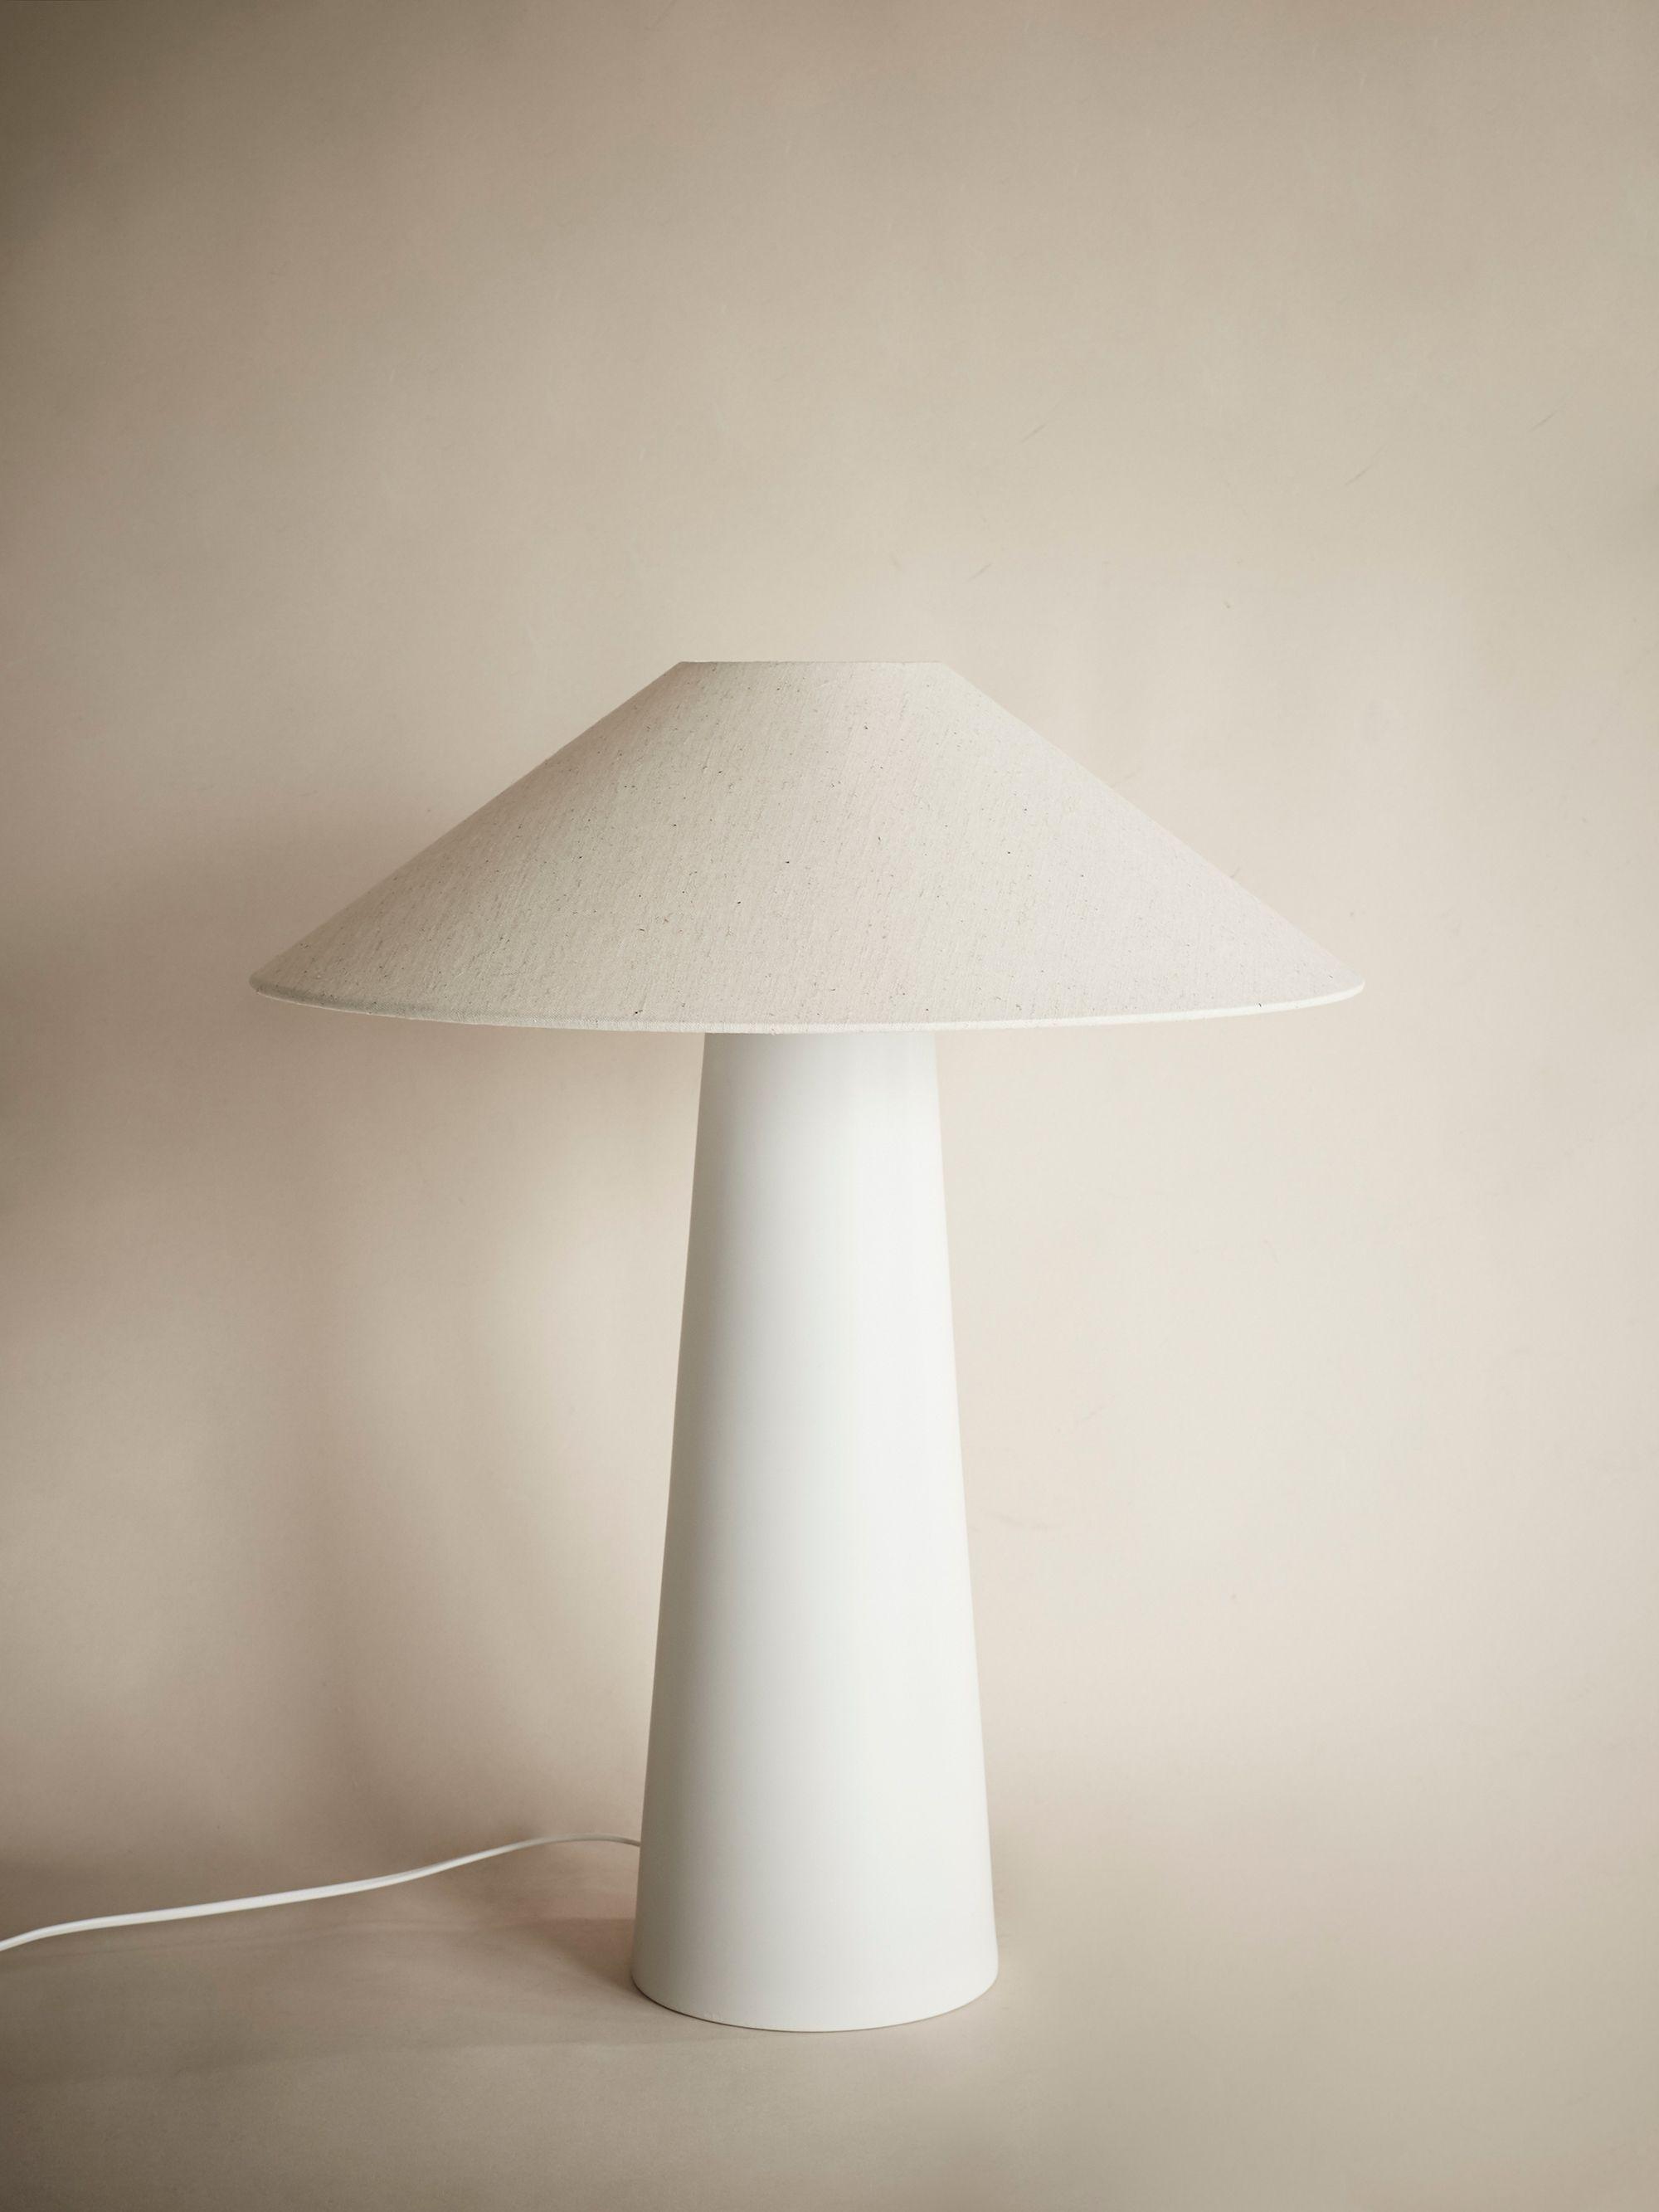 Cone Lamp Triangle Cone Floor Lamp Floor Lamp Design Lamp